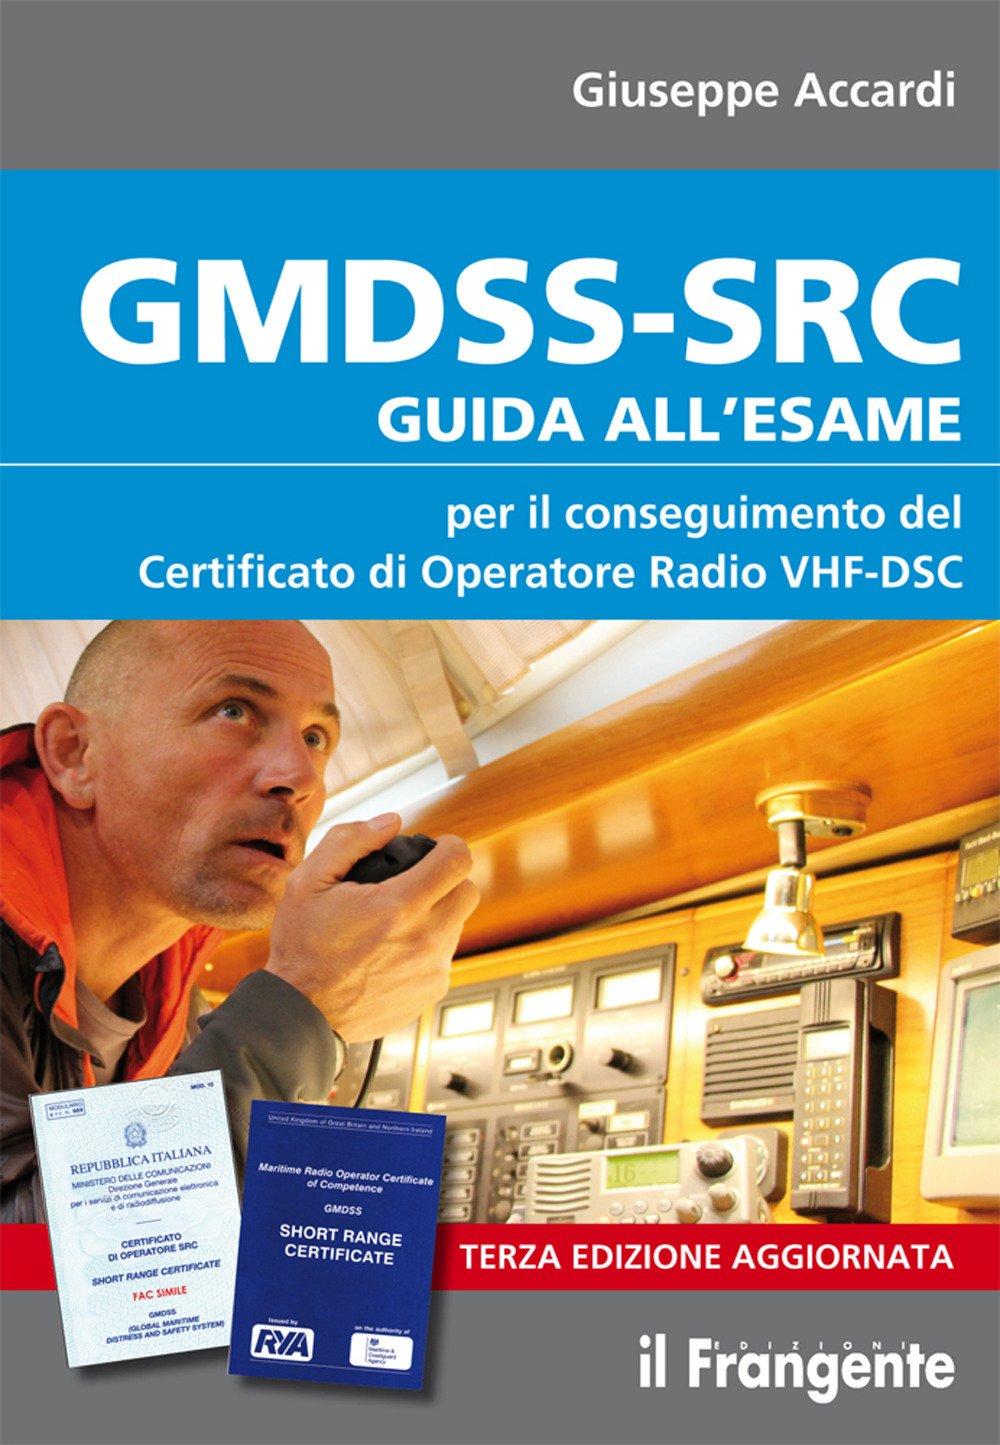 Gmdss-Src. Guida all'Esame per il Conseguimento del Certificato di Operatore Radio Vhf-Dsc